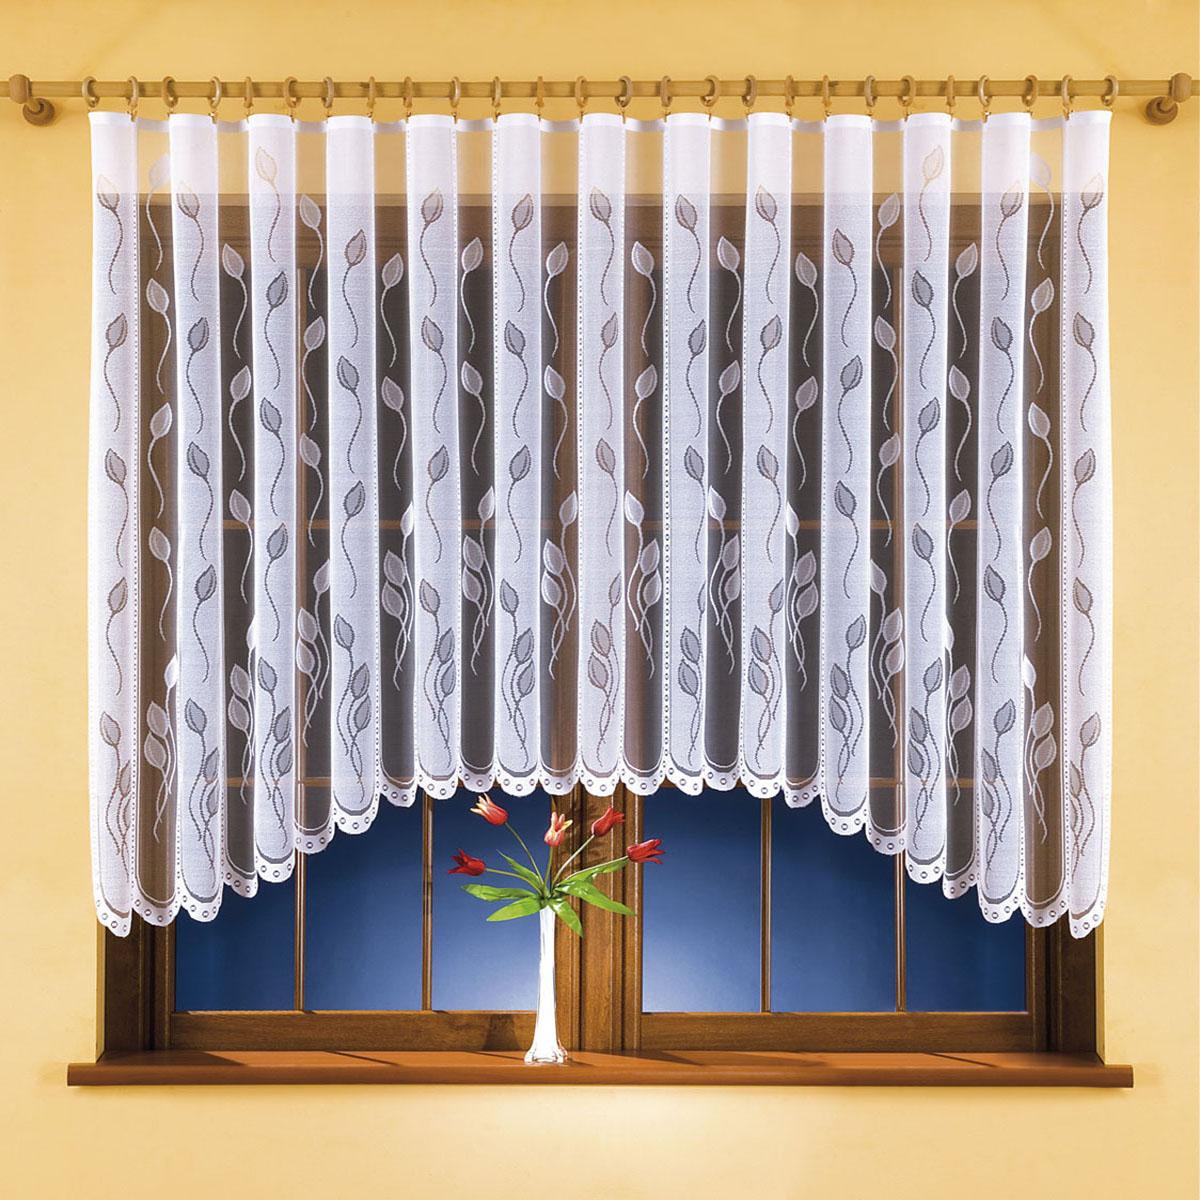 Гардина Wisan, цвет: белый, высота 150 см. 99259925Гардина Wisan, выполненная из легкого полиэстера, станет великолепным украшением окна в спальне или гостиной.Качественный материал, тонкое плетение и оригинальный дизайн привлекут к себе внимание и позволят гардине органично вписаться в интерьер помещения. Вид крепления - под зажимы для штор.